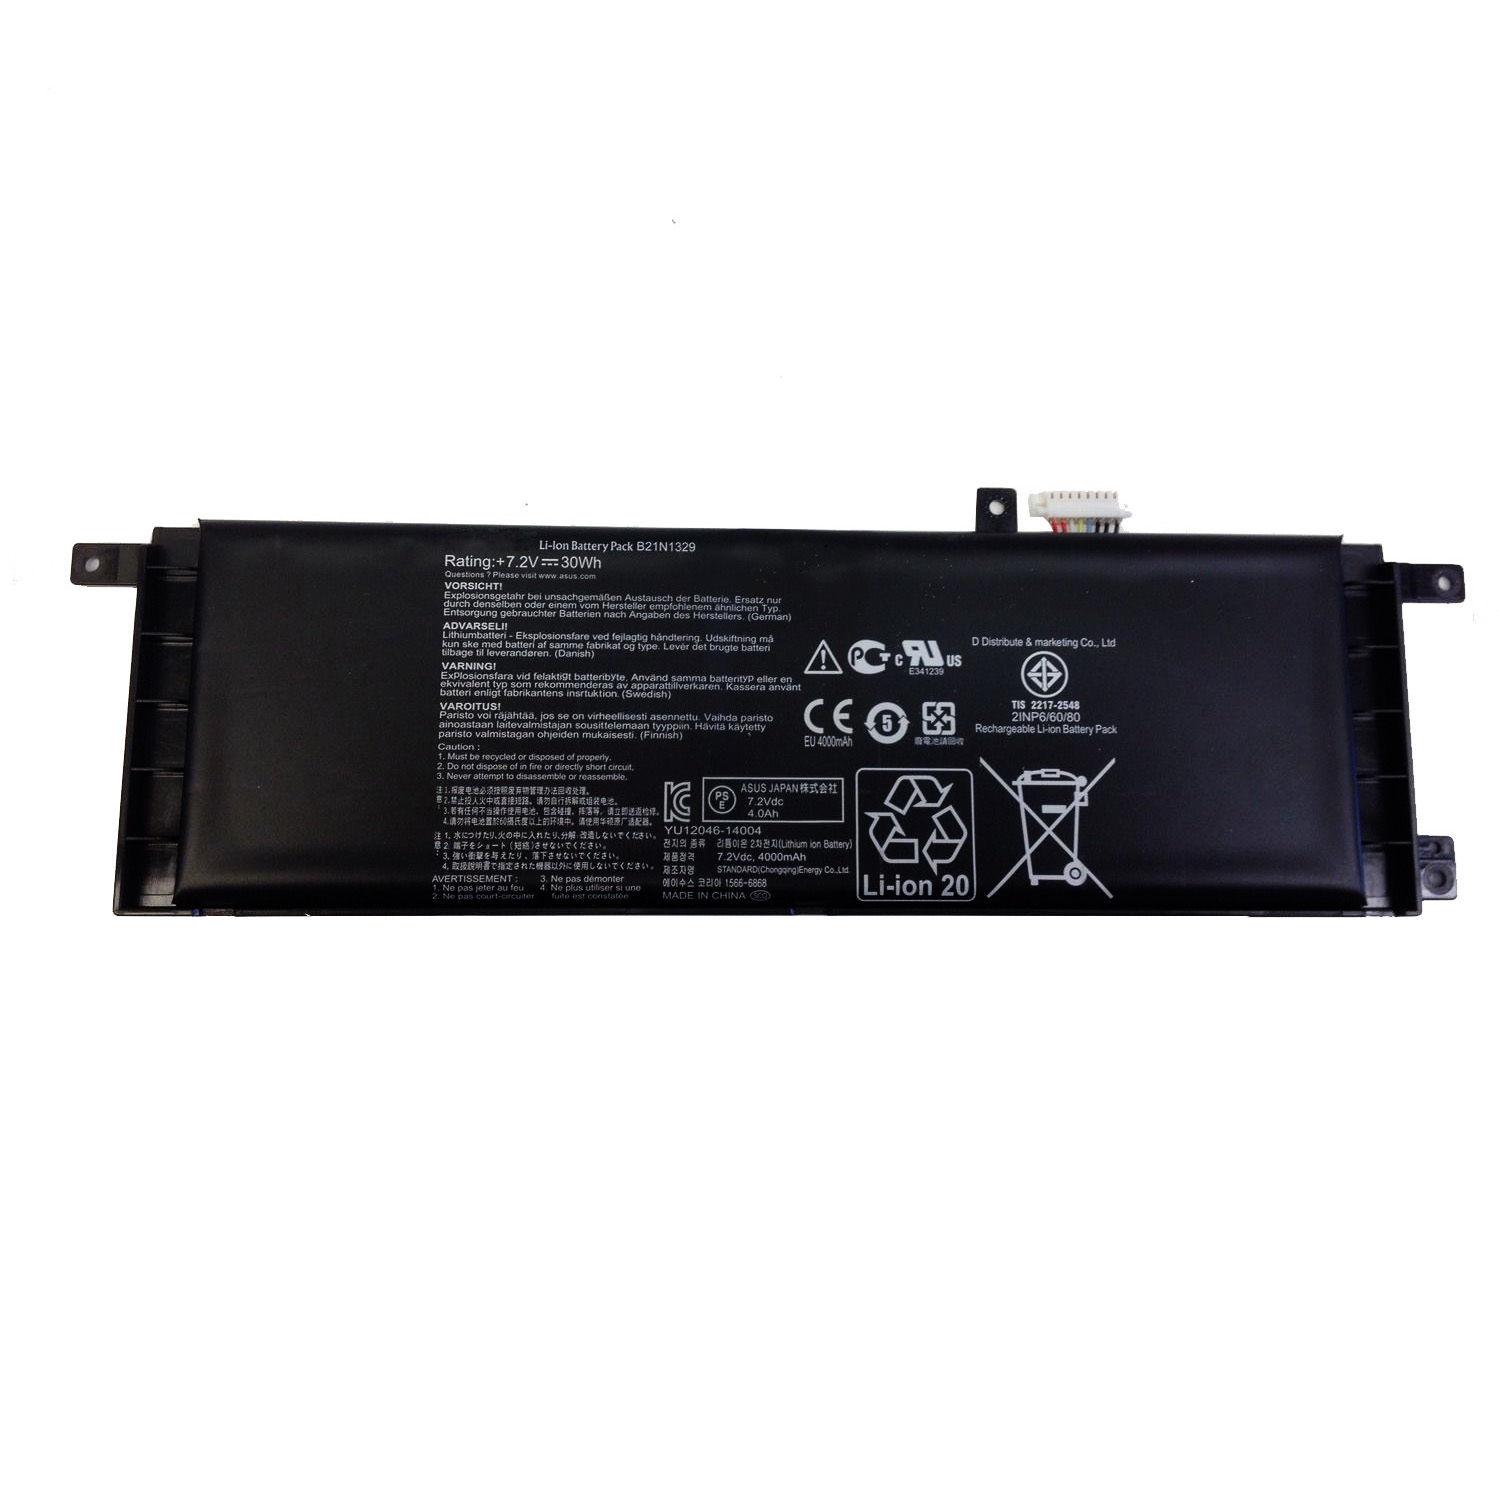 ASUS 0B200-00840000 B21N1329 batterij